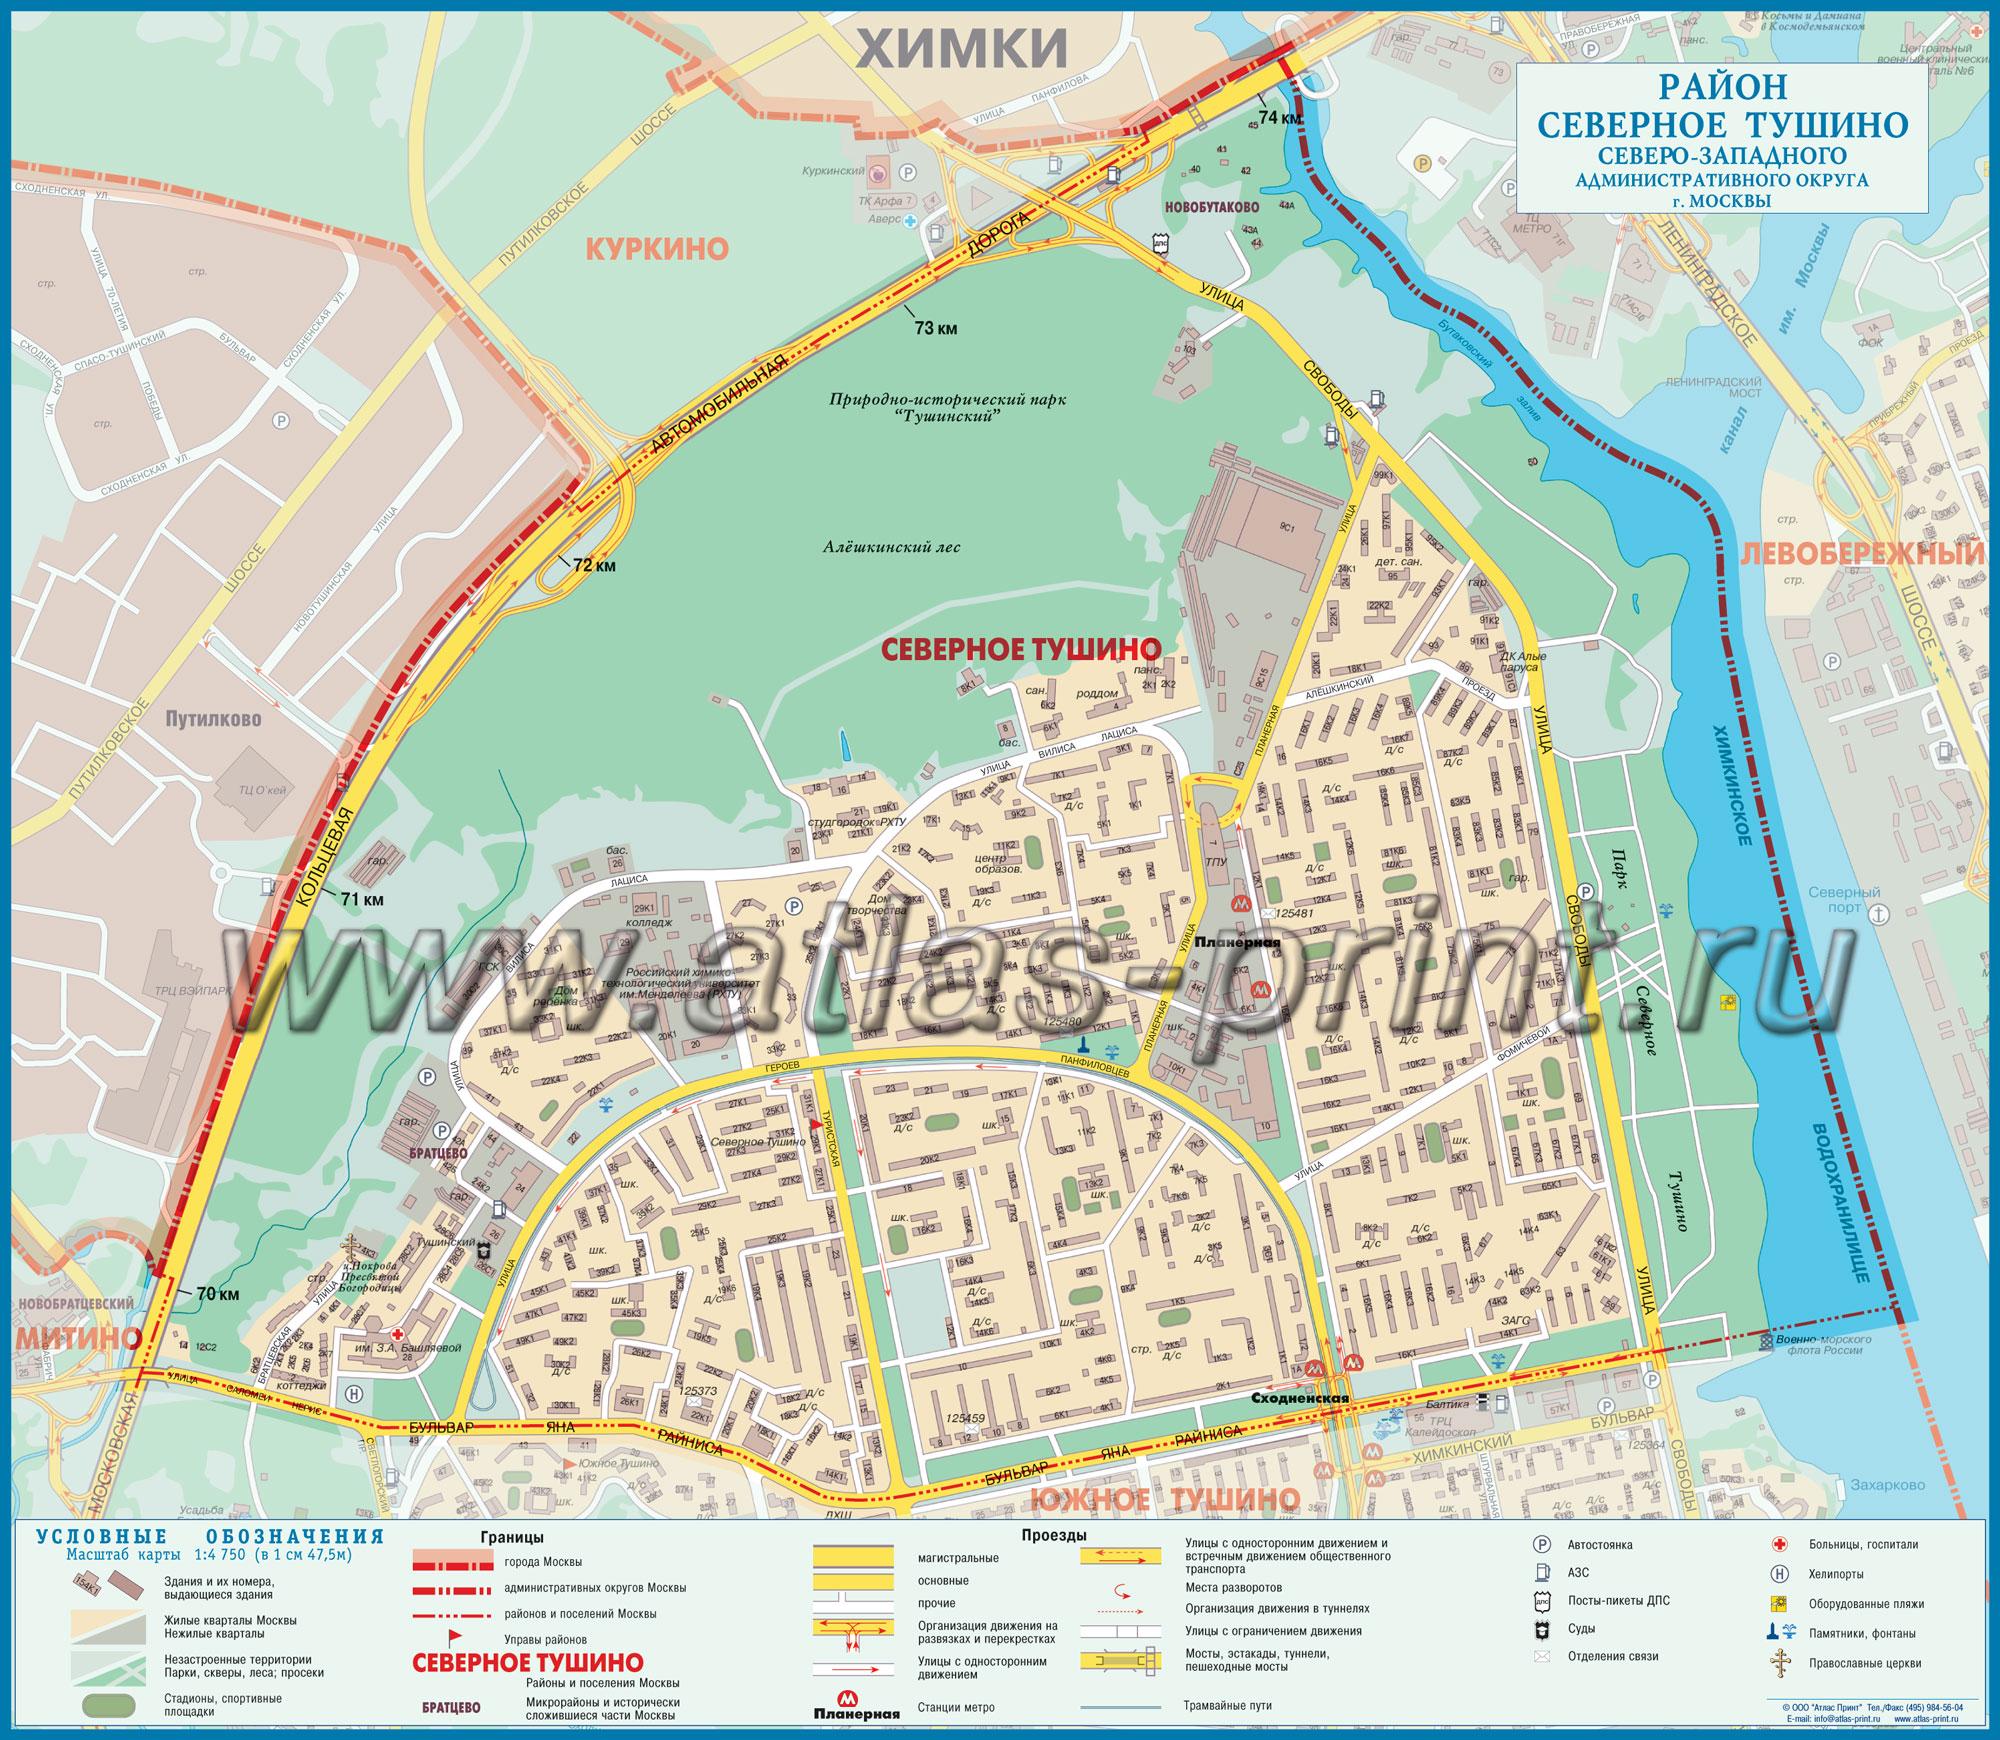 Настенная карта района Северное Тушино г.Москвы 1,00*0,87м, ламинированная